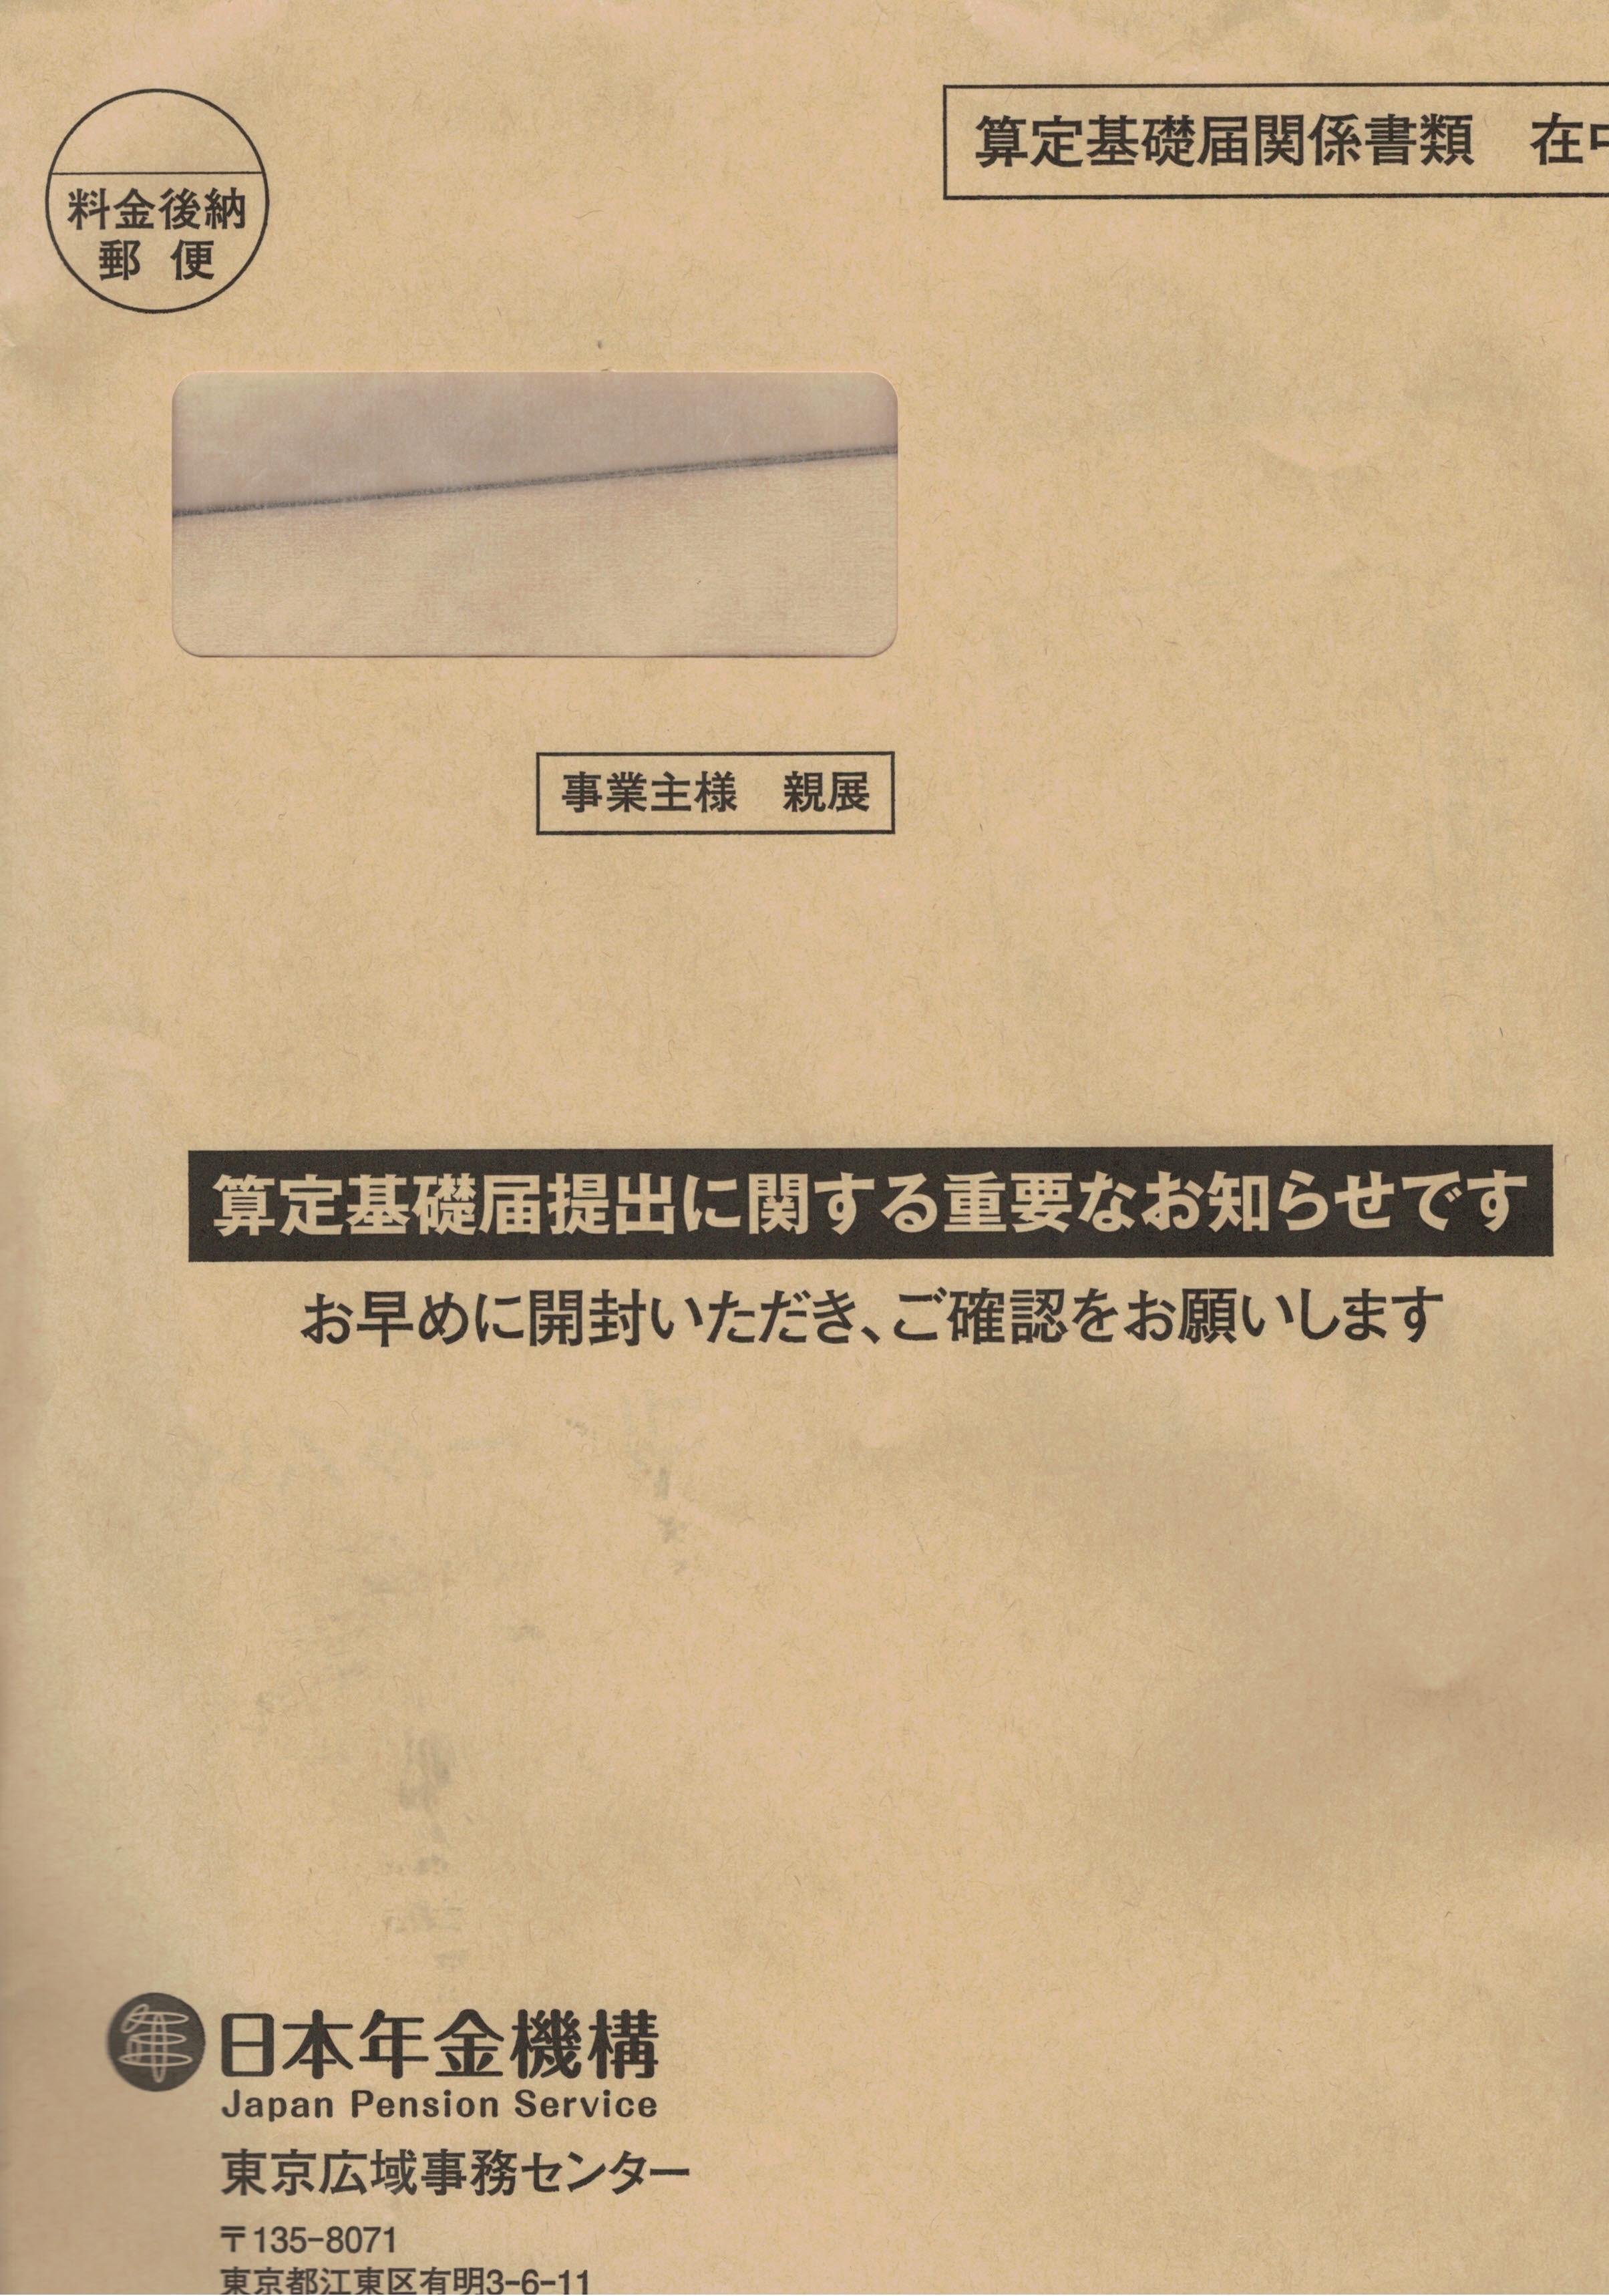 日本 年金 機構 算定 基礎 届